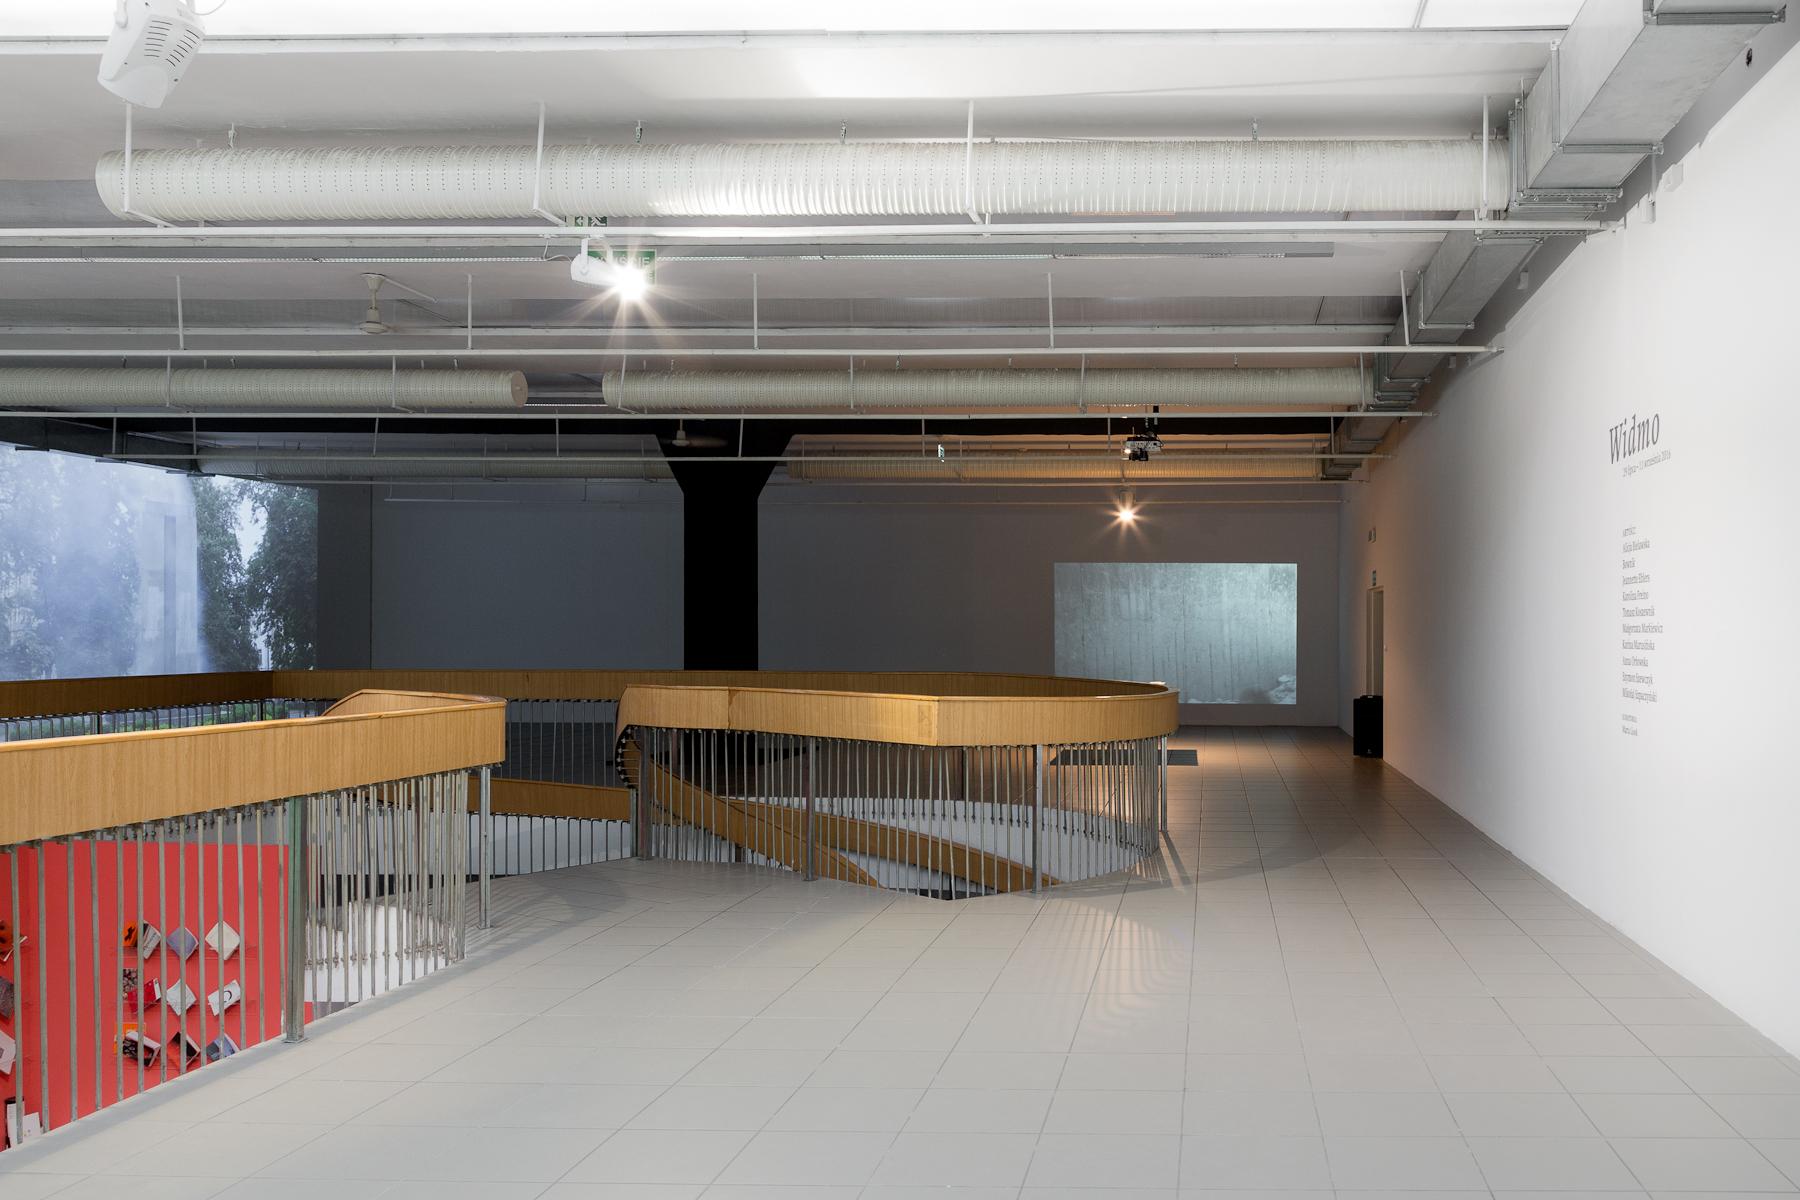 Installation view, Małgorzata Markiewicz, part of 'Spectrum', BWA Gallery, Katowice, Poland